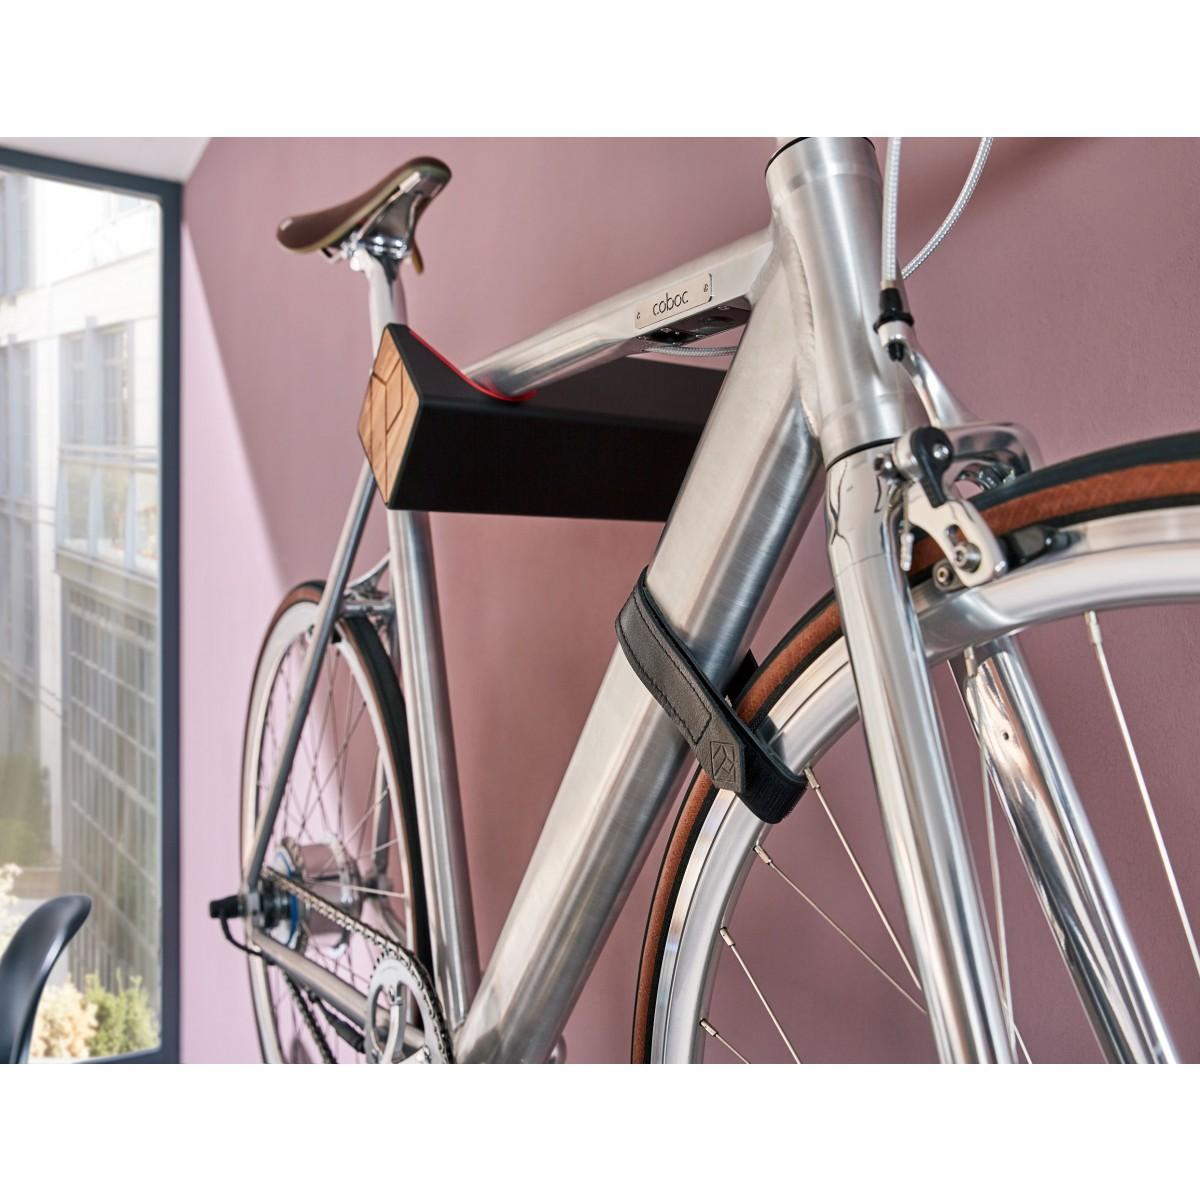 Lederband zur Vorderrad-Fixierung | PARAX® D-STRAP | Für alle Fahrrad Wandhalterungen